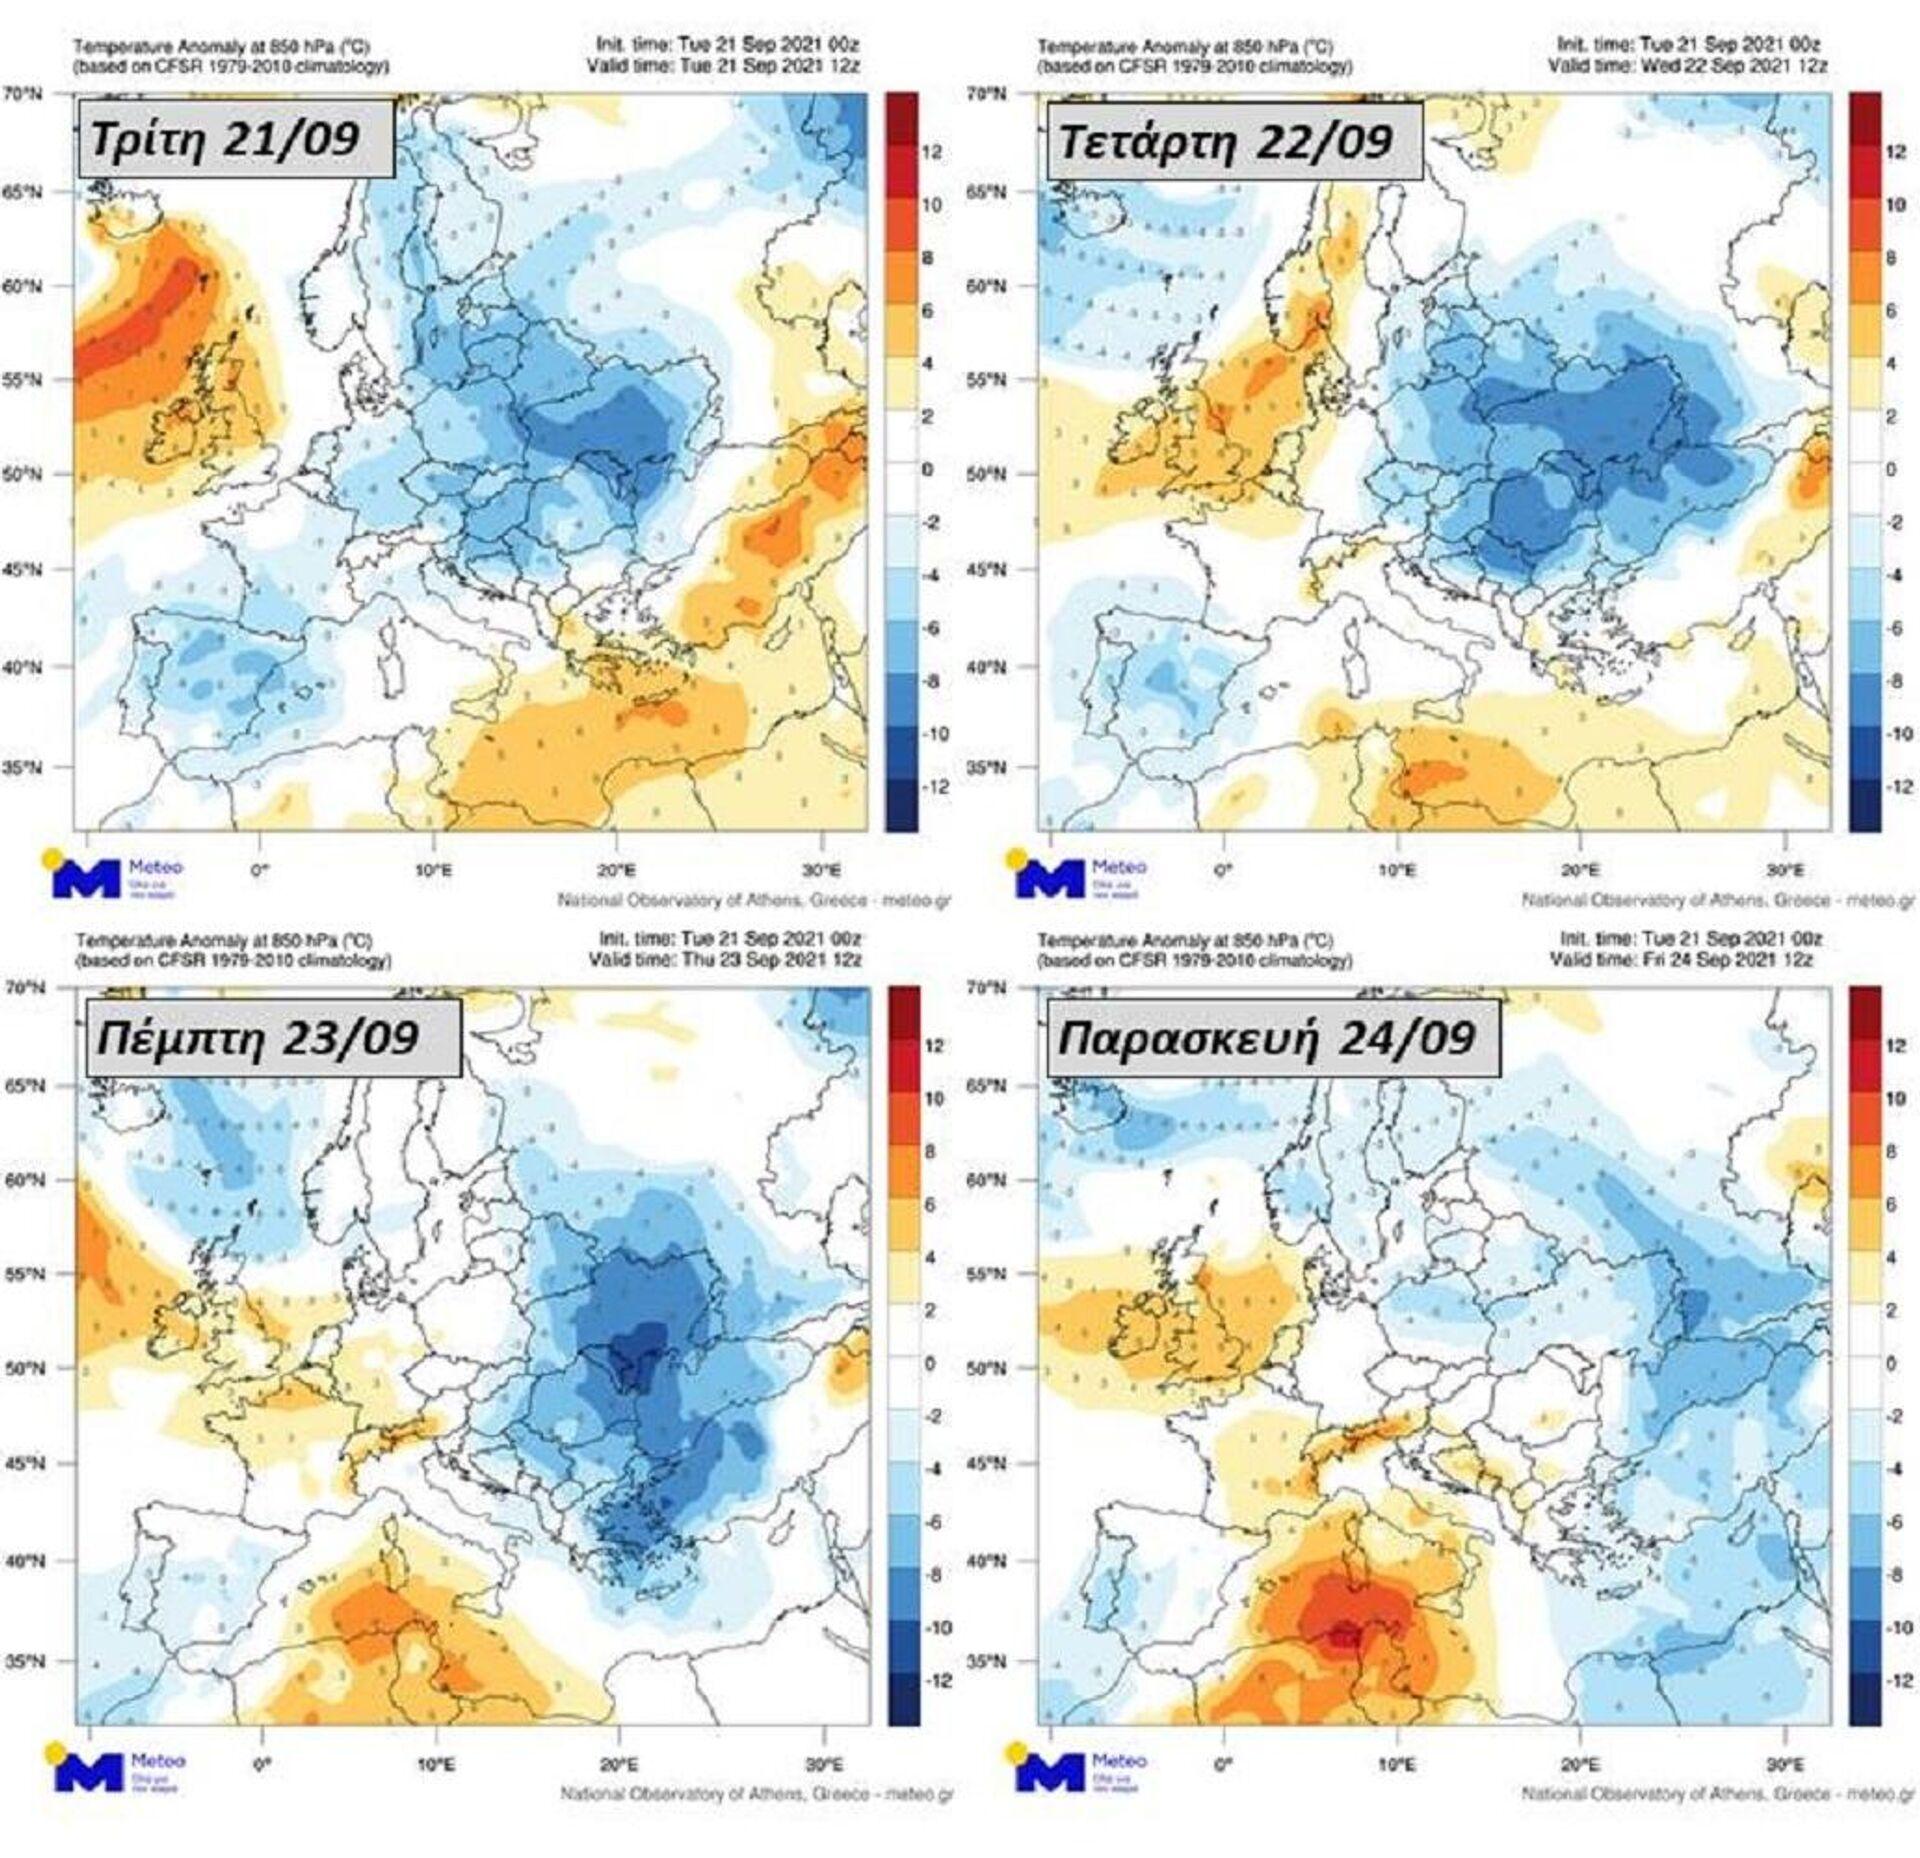 Πρόγνωση απόκλισης των θερμοκρασιών στο επίπεδο των 850 hPa (περίπου στο ύψος των 1500 μέτρων) σε σχέση με τη μέση τιμή της περιόδου 1979-2010, για τις μεσημεριανές ώρες της Τρίτης 21/09 (πάνω αριστερά), της Τετάρτης 22/09 (πάνω δεξιά), της Πέμπτης 23/09 (κάτω αριστερά) και της Παρασκευής 24/09/2021 - Sputnik Ελλάδα, 1920, 21.09.2021